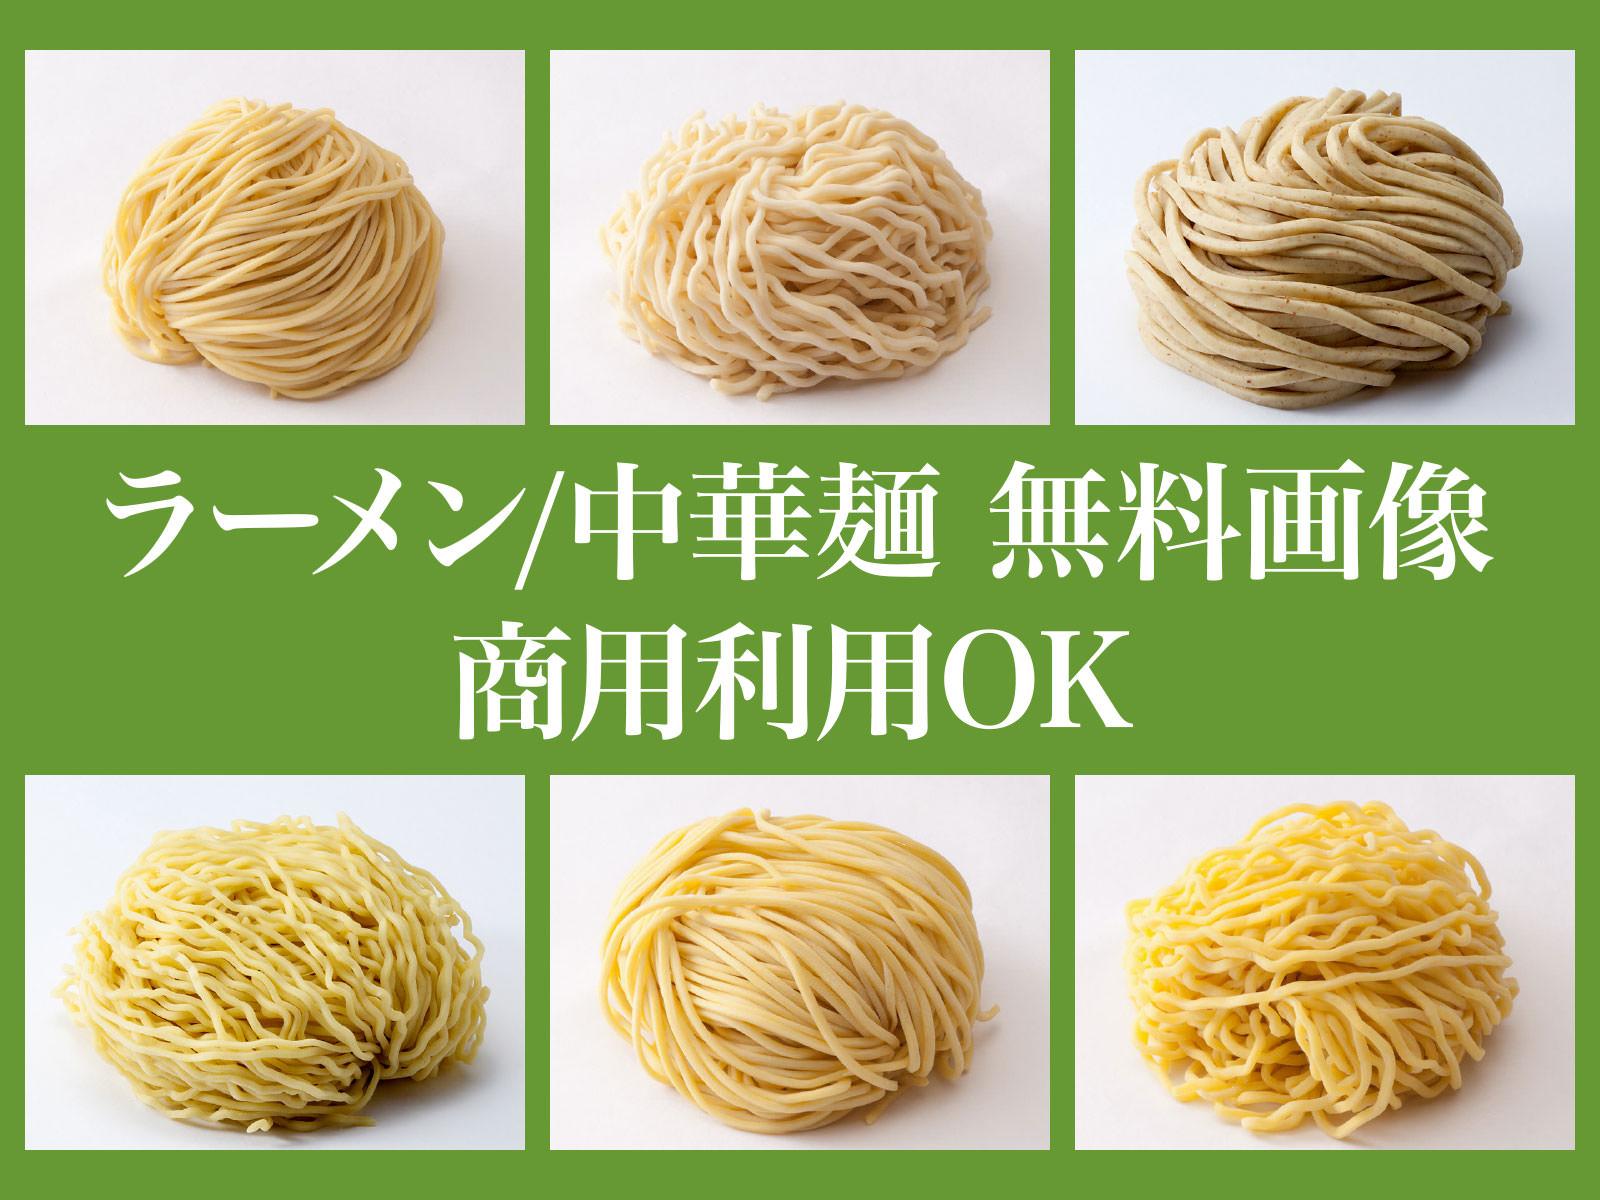 商用可 無料/フリー ラーメン/中華麺 写真 画像素材集